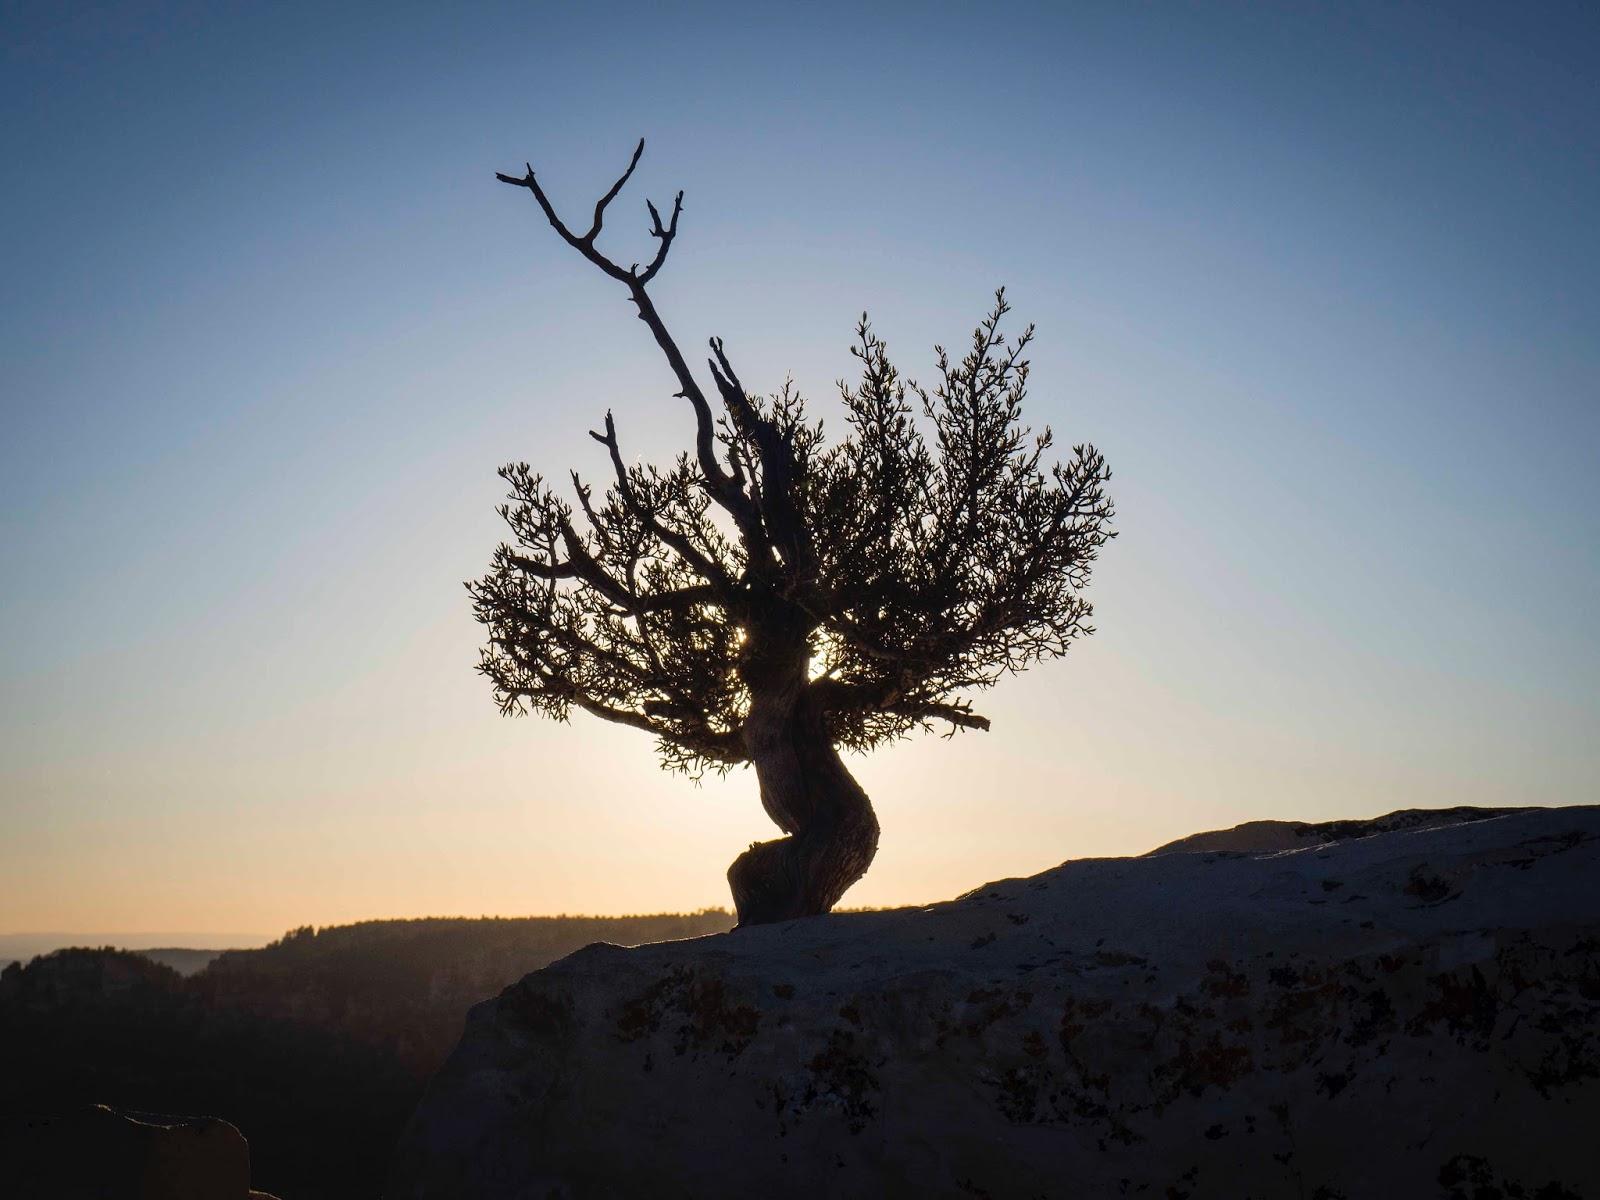 Árvora na montanha nevada, contraluz, assemelhada a uma antena telescópica: ilustra a seção a respeito dos textos das linhas de ''Chien / Desenvolvimento (Progresso Gradual)'', um dos 64 hexagramas do I Ching, o Livro das Mutações